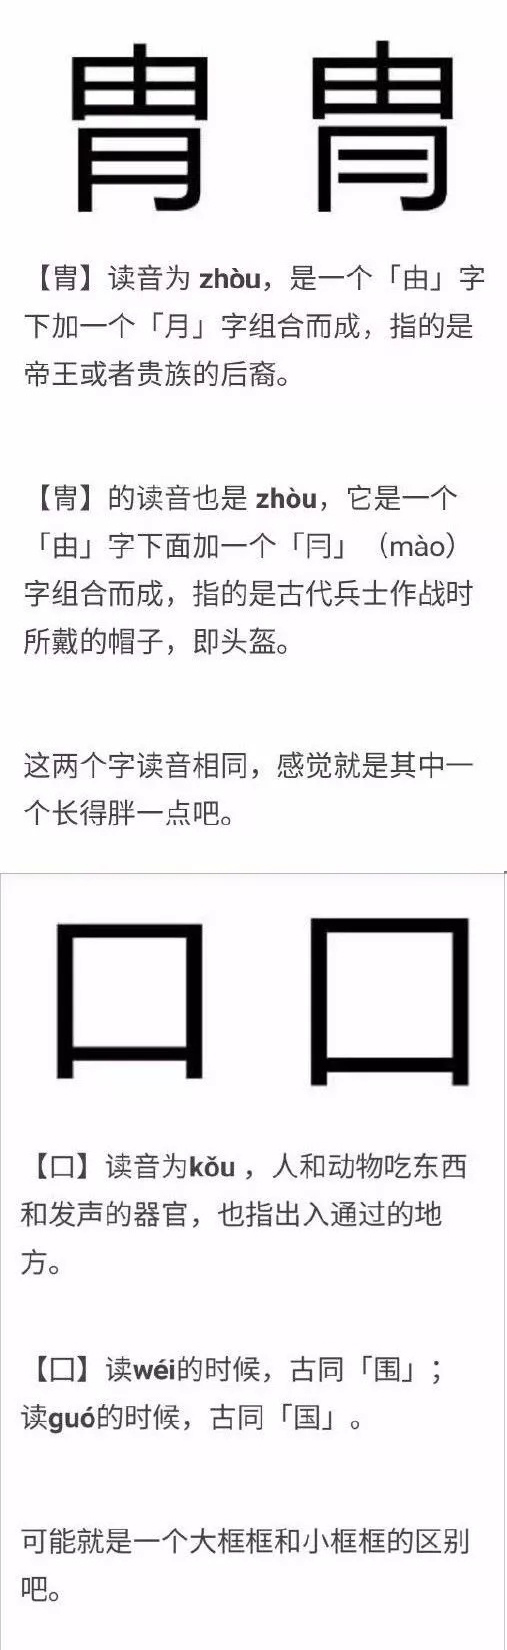 相似漢字09